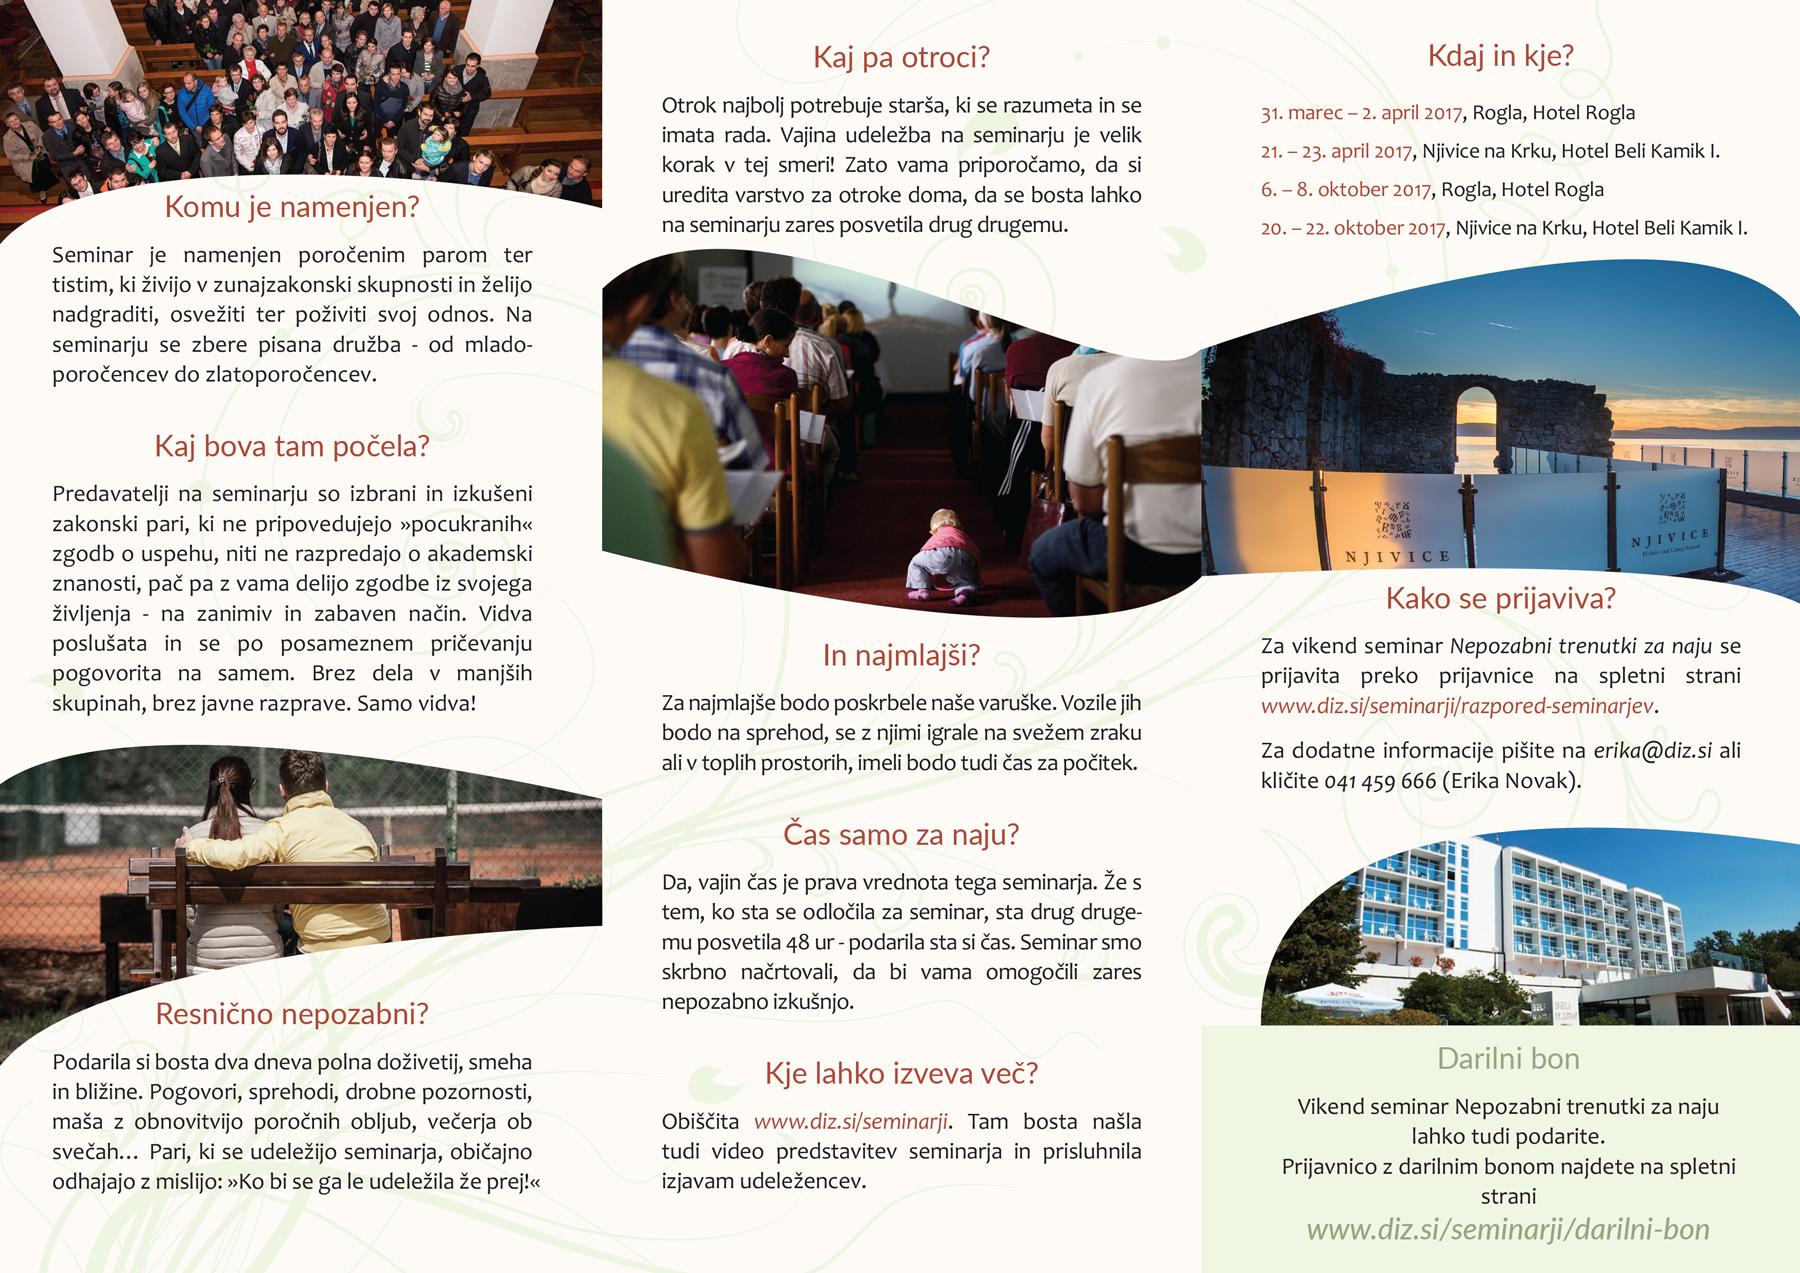 DIZ Laflet p2 - Leaflet for DIŽ